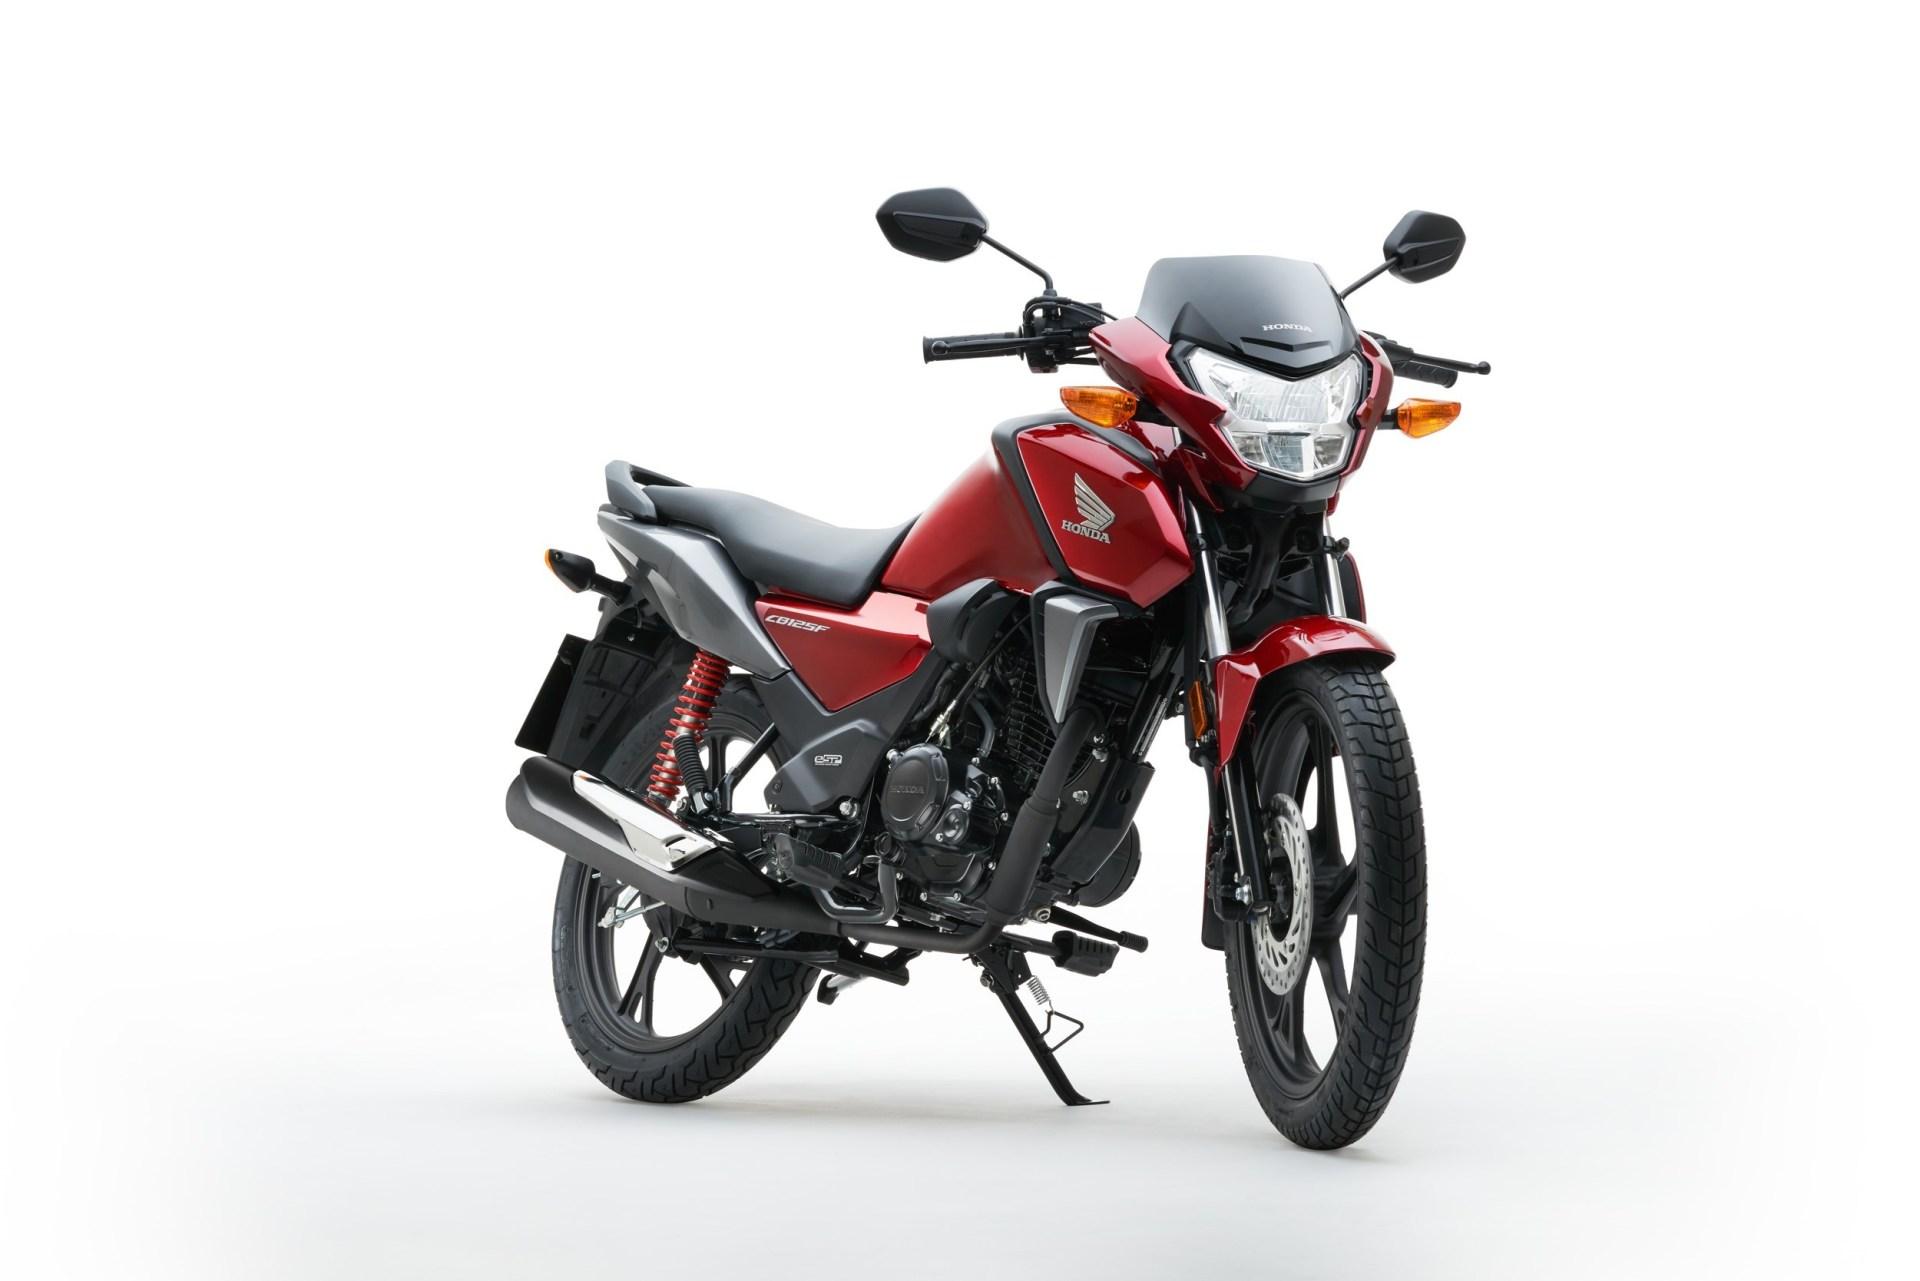 21ym Honda Cb125f